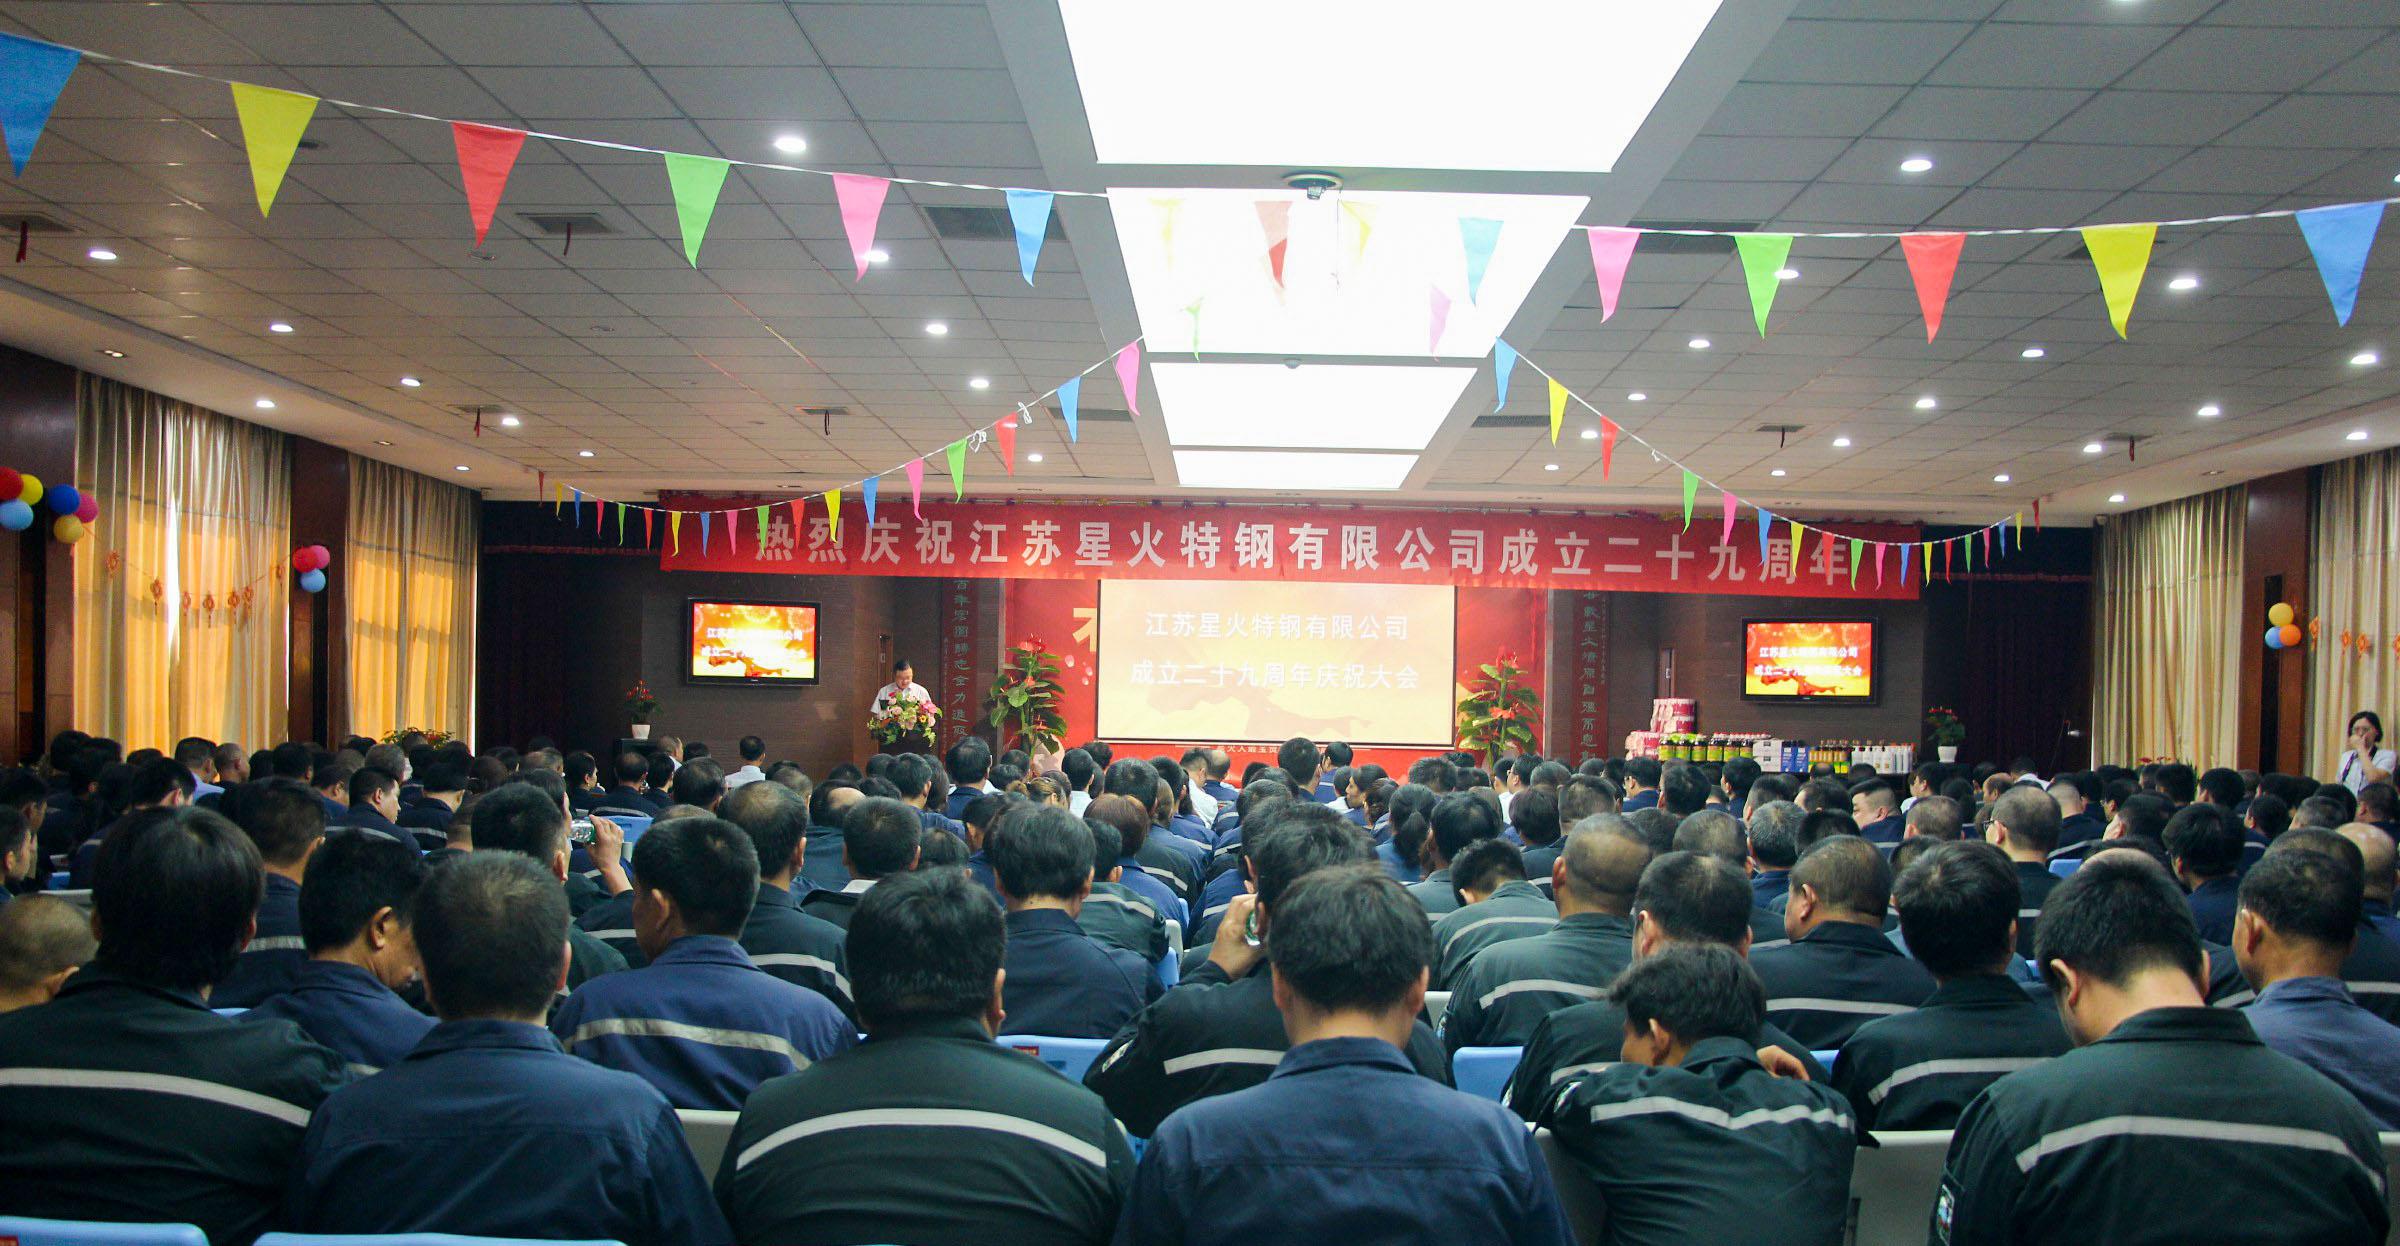 江苏星火二十九周年庆典圆满落幕